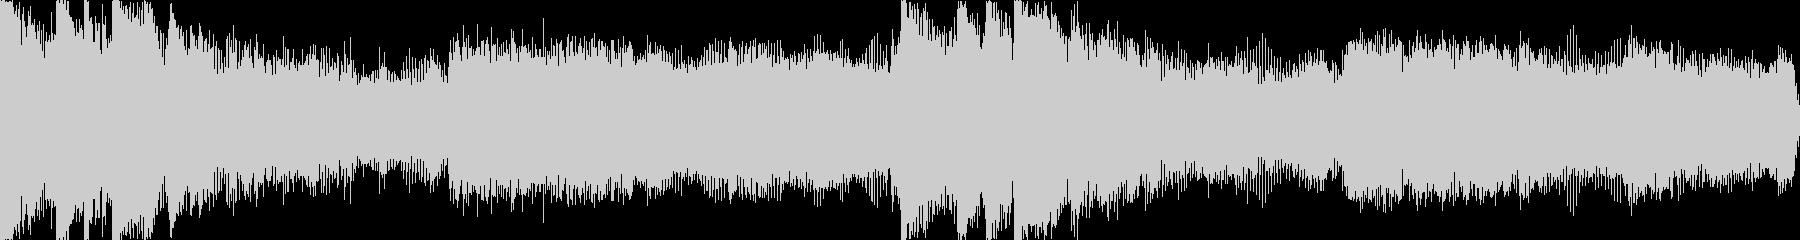 【ループA】ヘヴィーで攻撃的エレキギターの未再生の波形